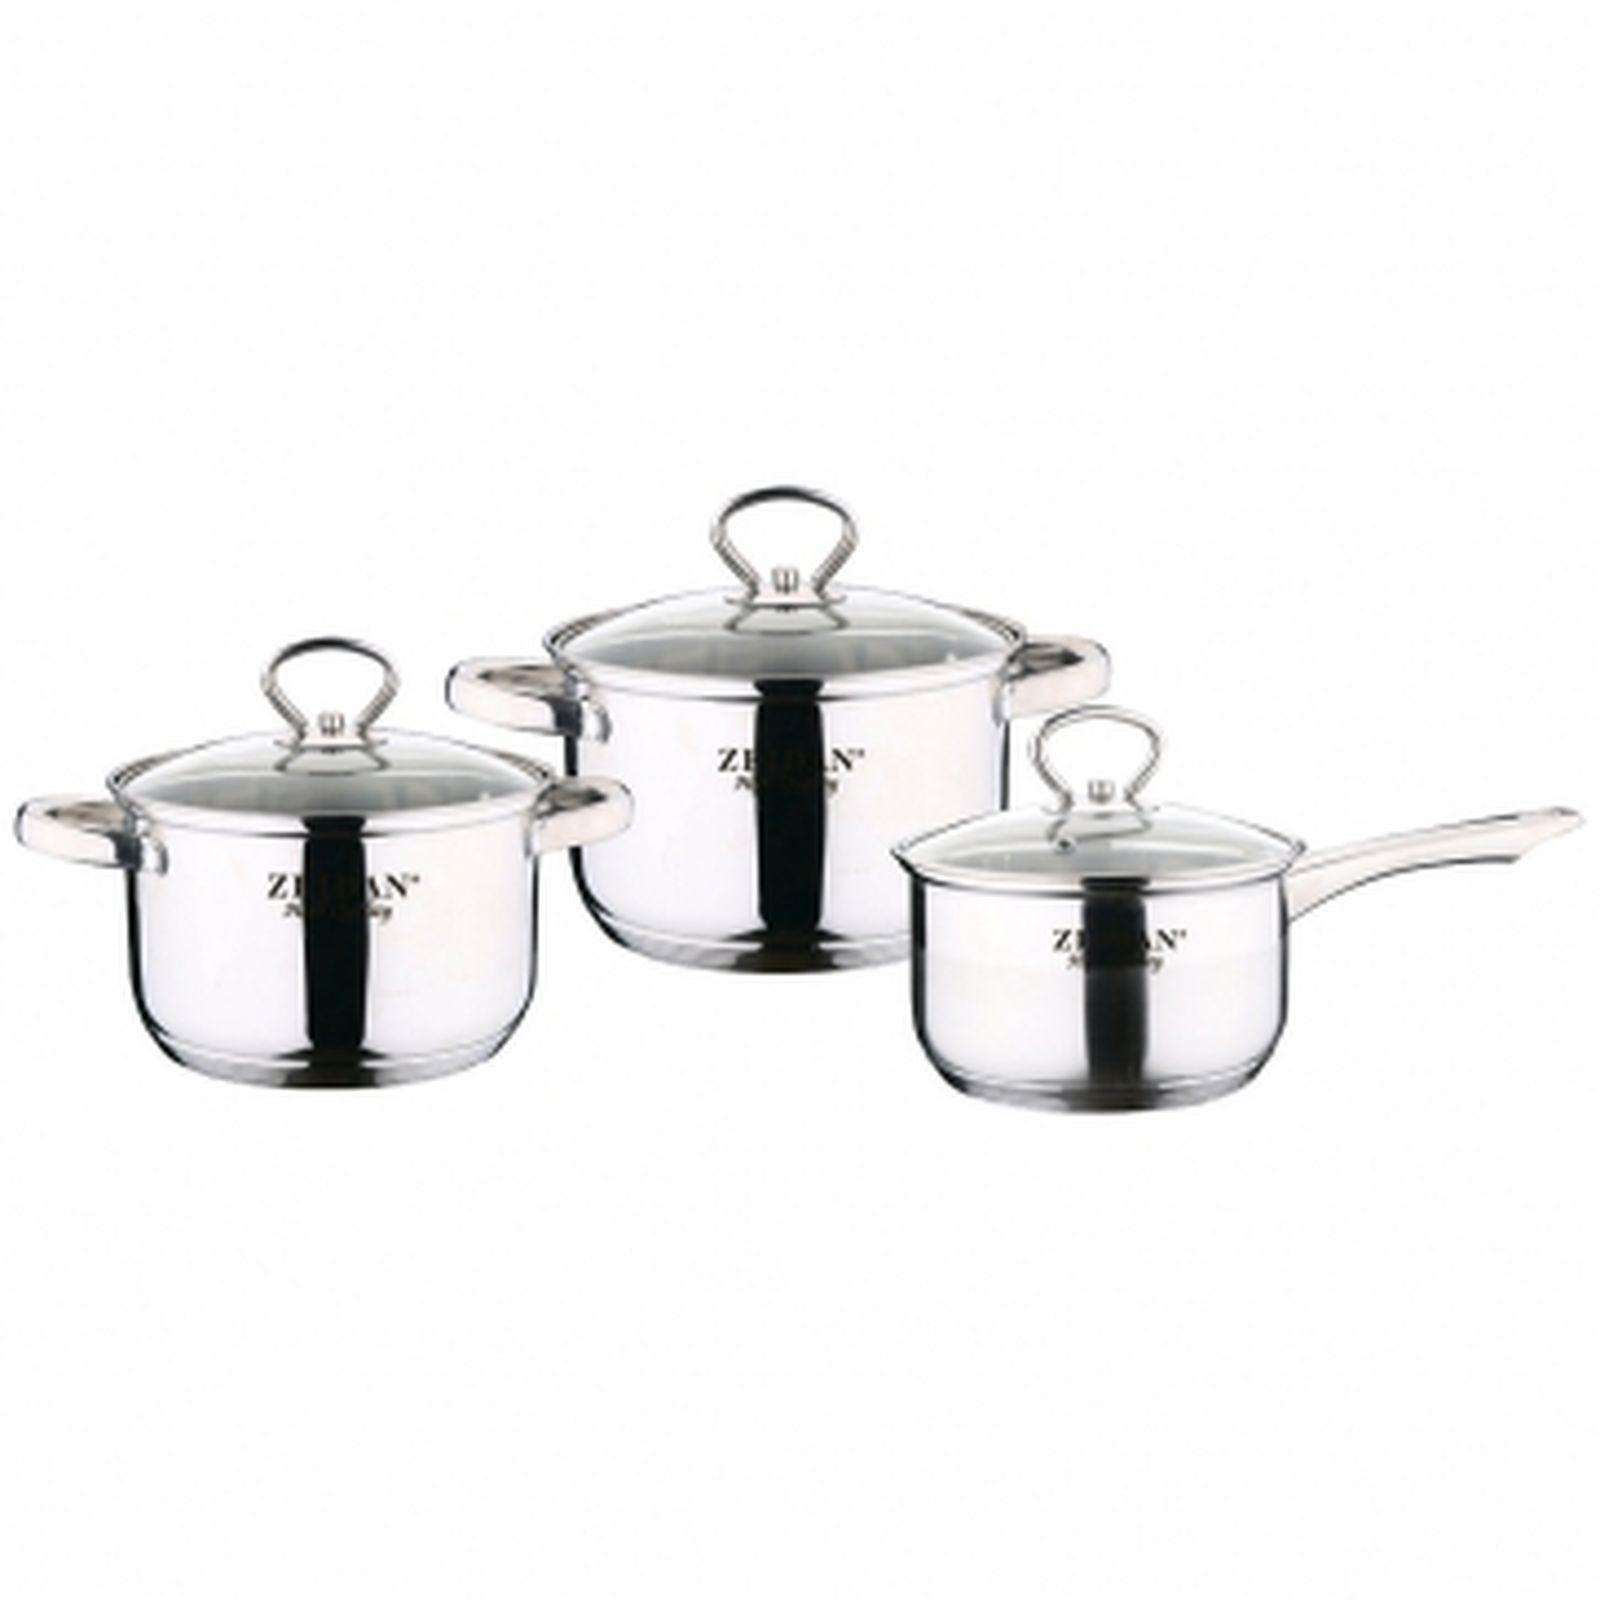 Набор посуды Zeidan, Z-50621, с крышками, 6 предметов набор посуды rondell savvy 6 предм нерж сталь индукция